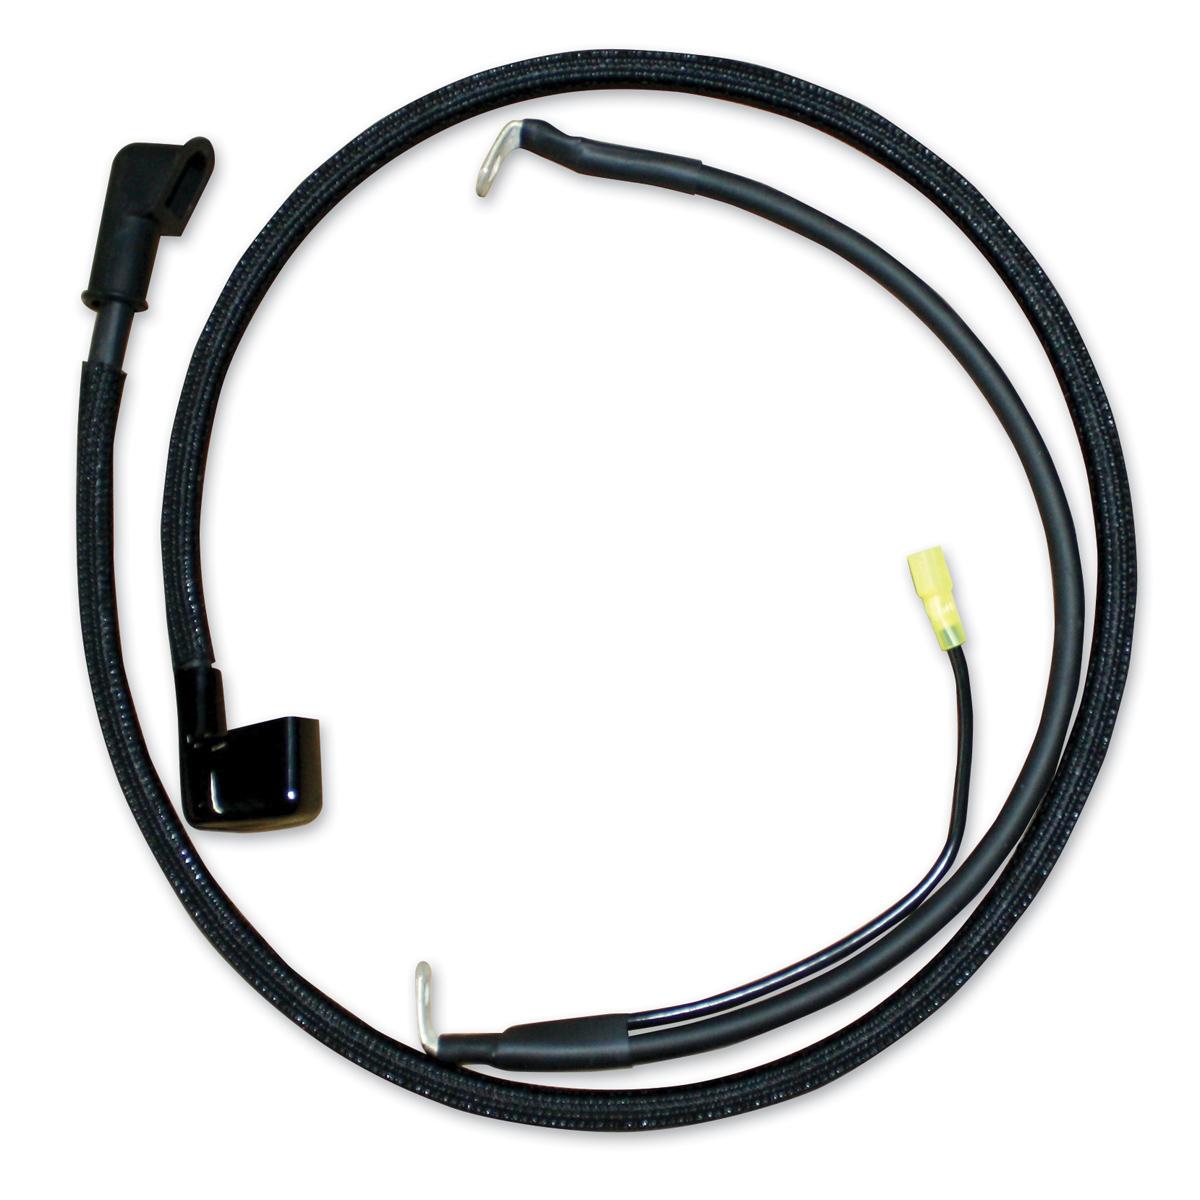 Sumax 4 Gauge Battey Cables